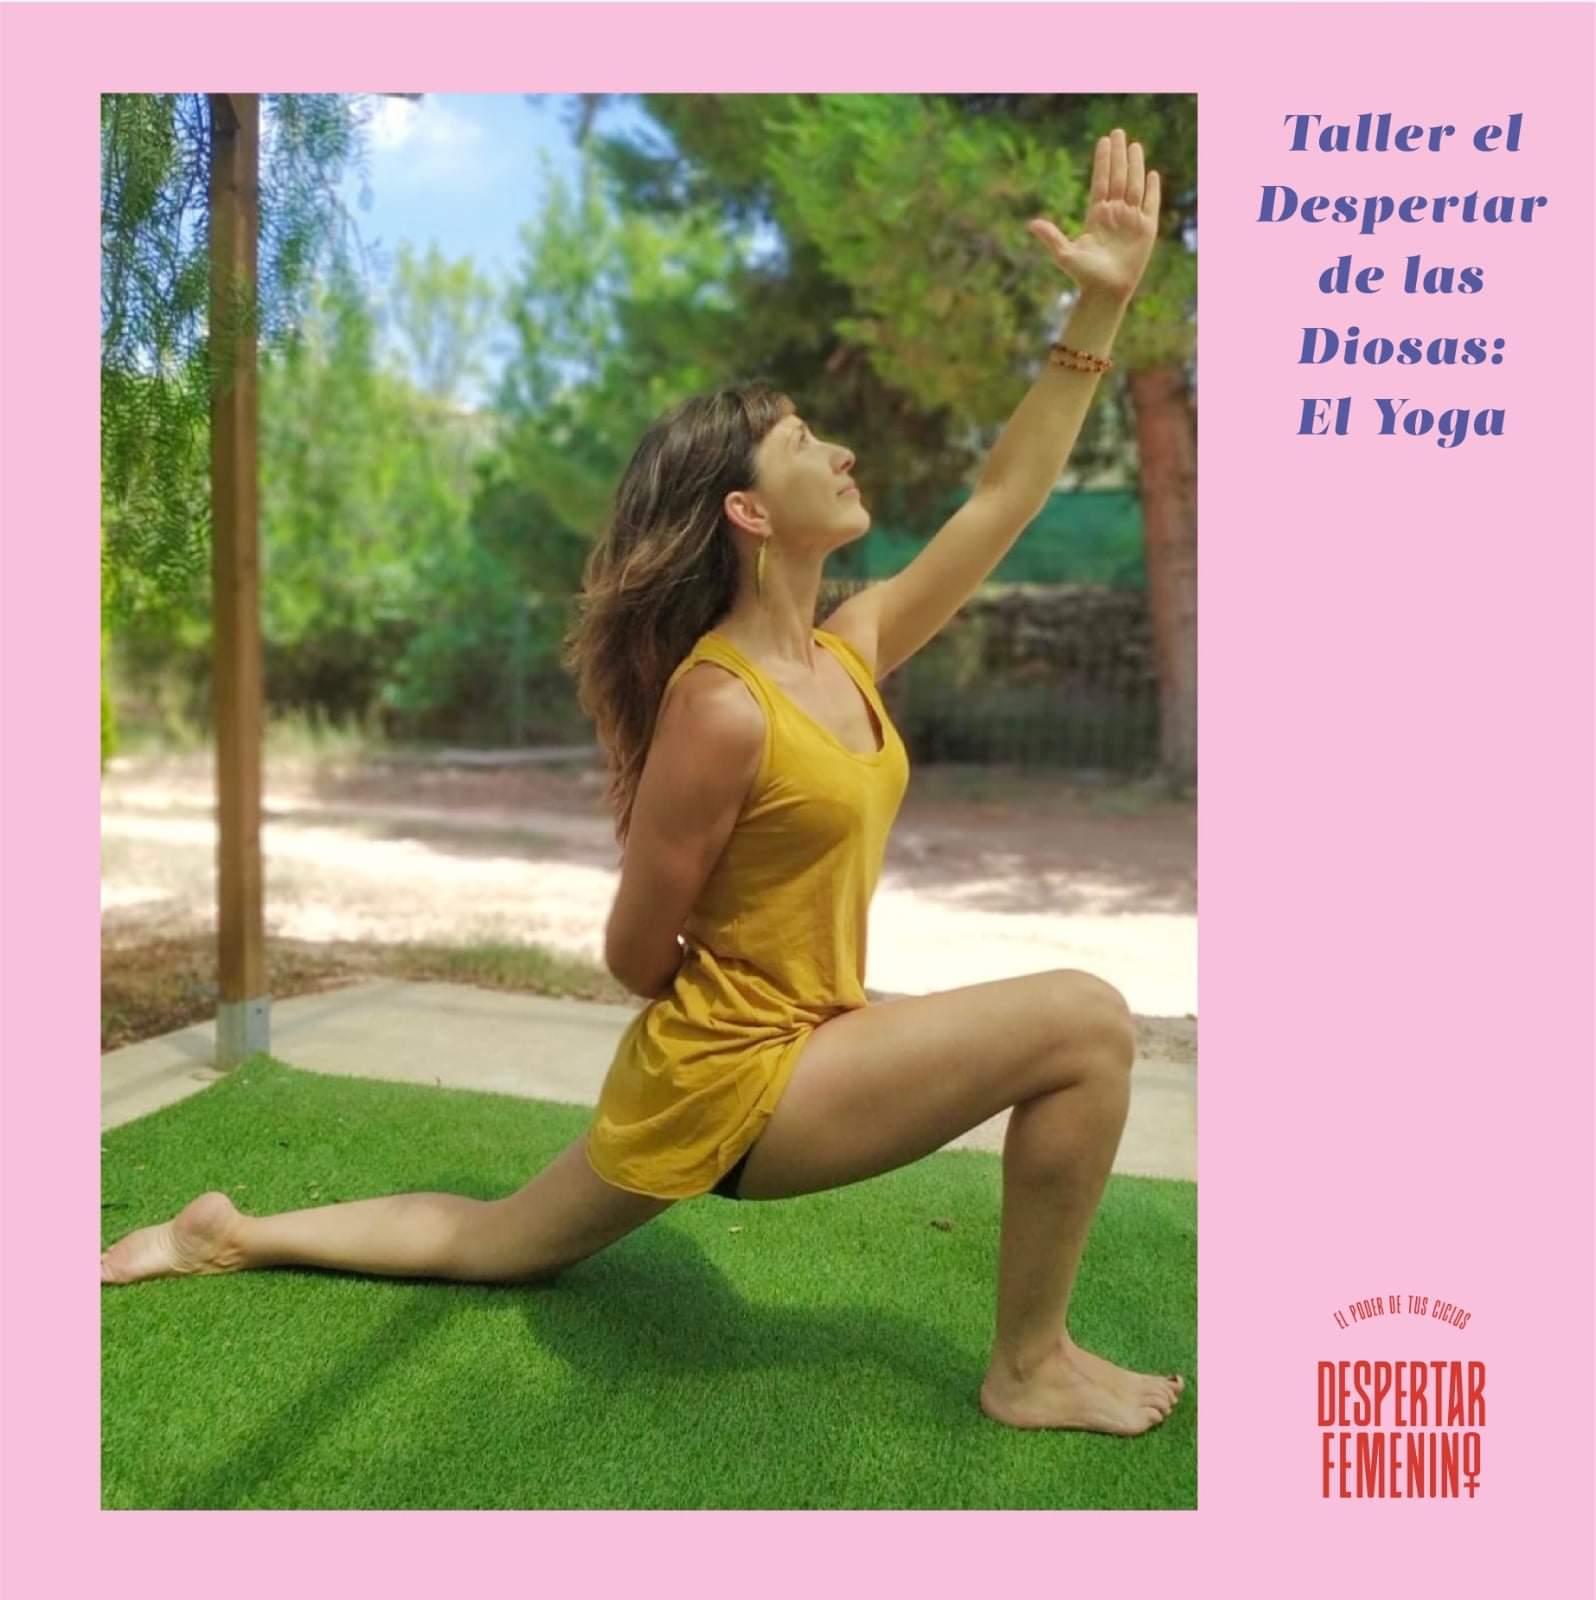 DESPERTAR DE LAS DIOSAS: El Yoga